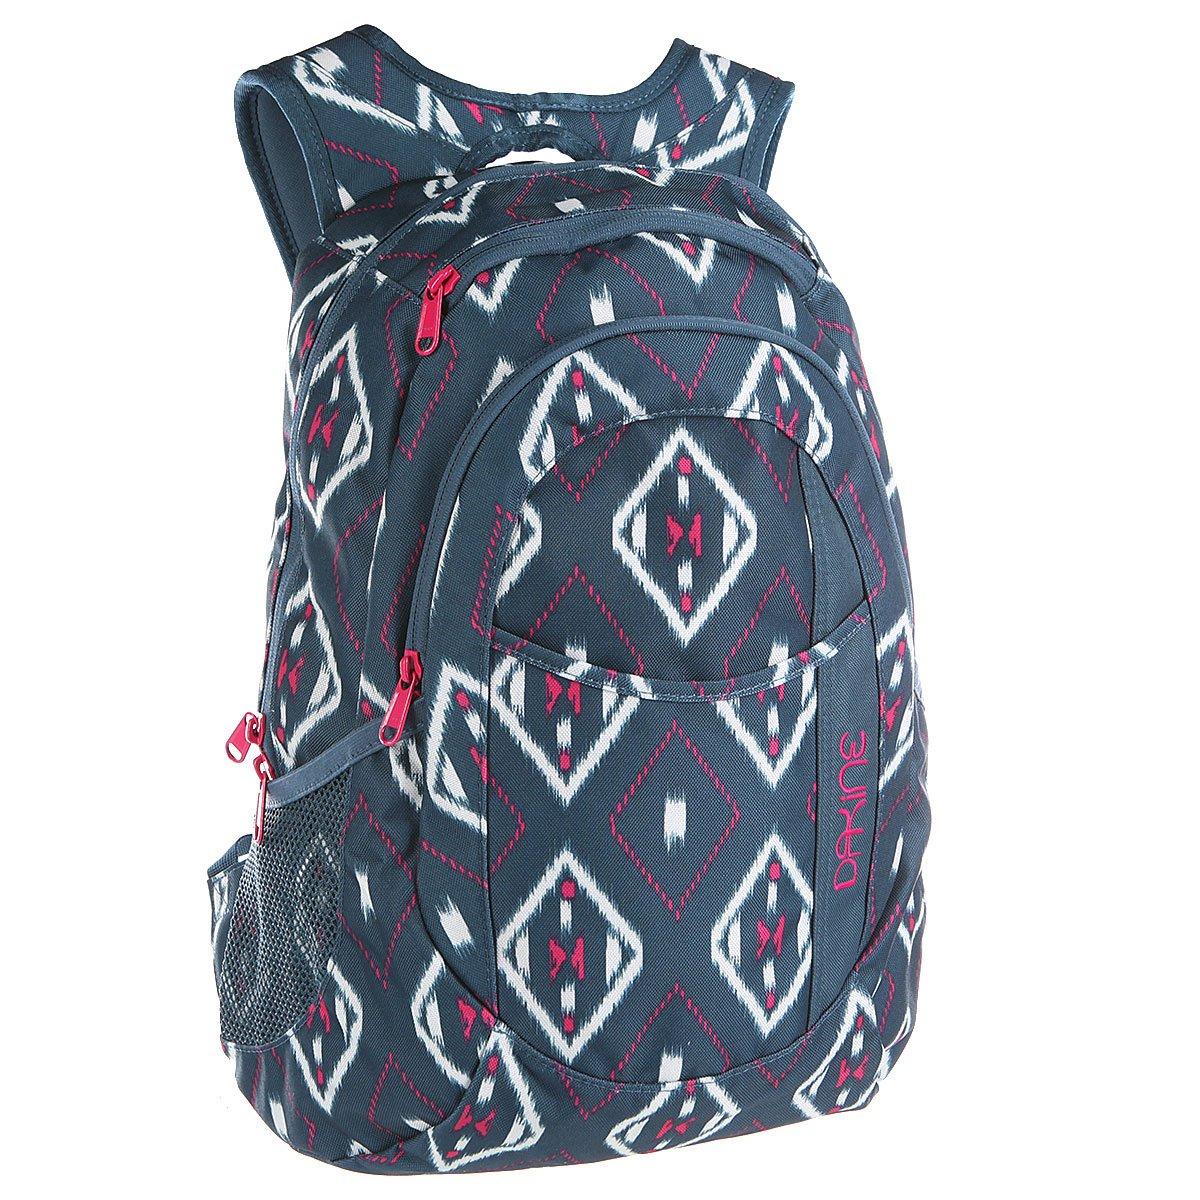 21c2e5c01b73 Купить рюкзак школьный женский Dakine Garden Salima в интернет ...